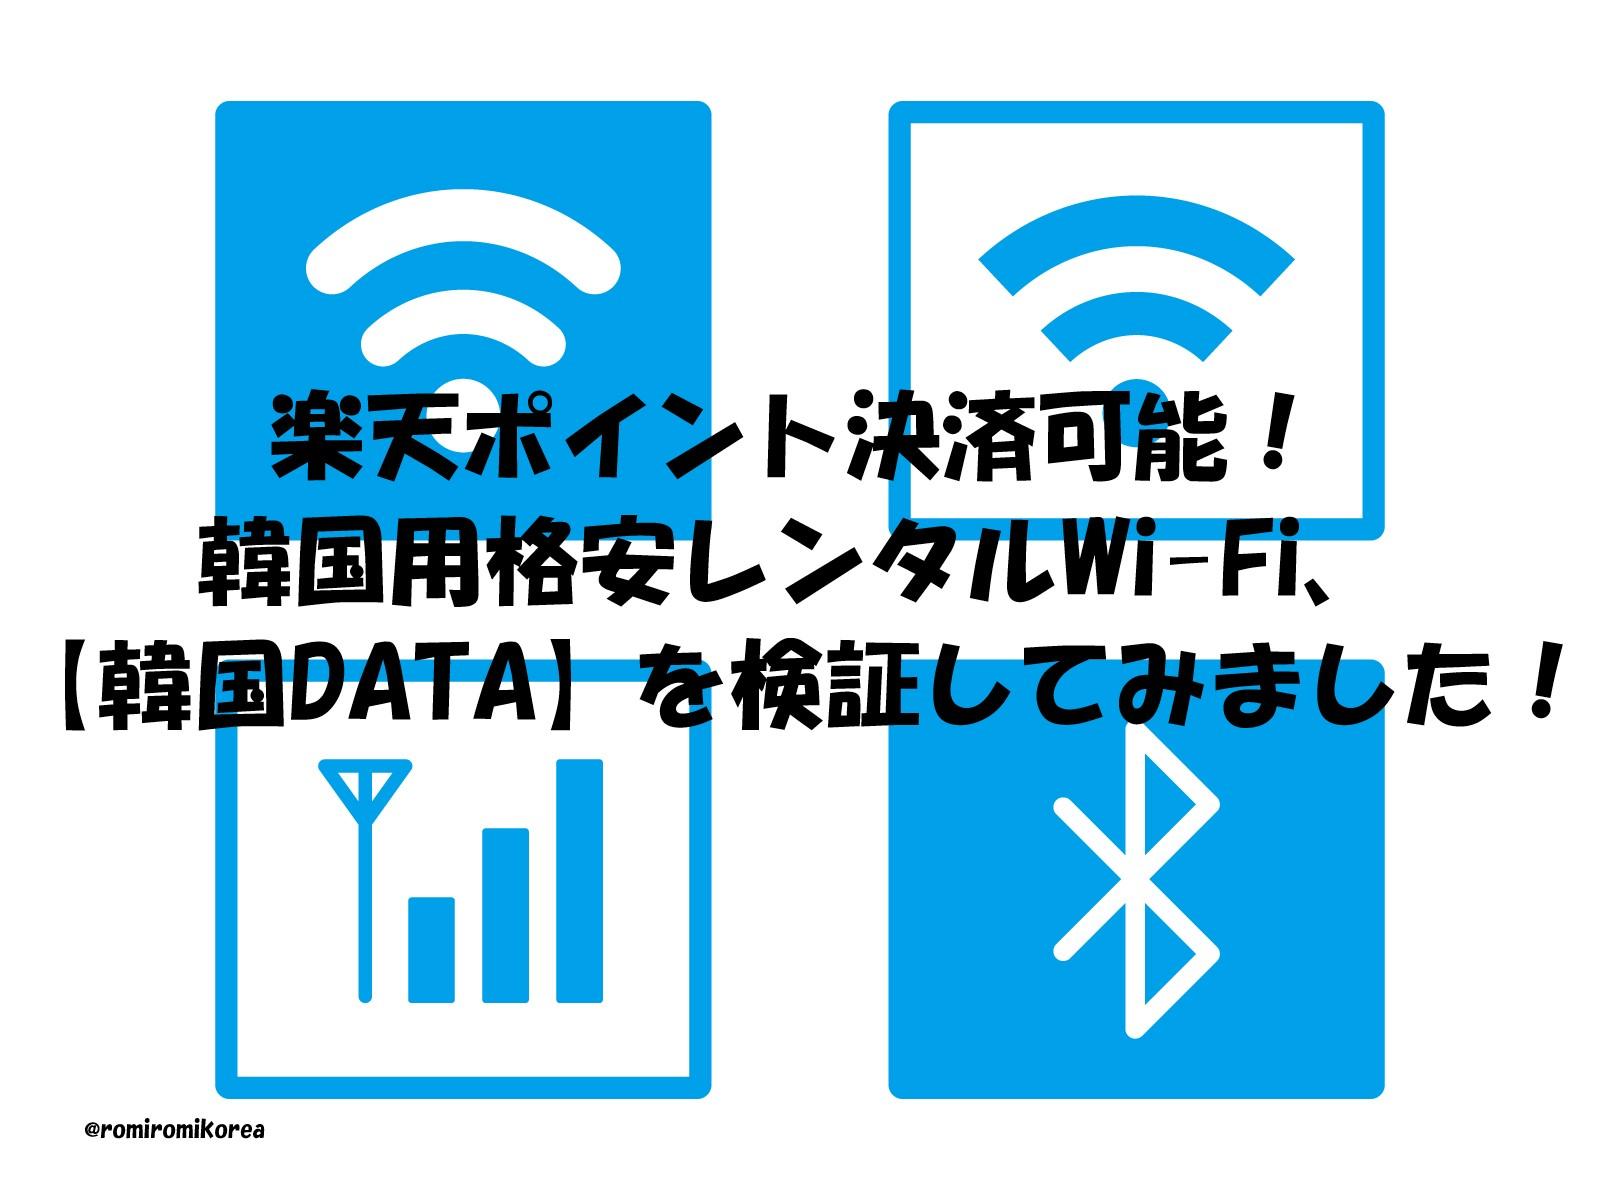 楽天ポイント決済可能!韓国用格安レンタルWi-Fi、【韓国DATA】を検証してみました!